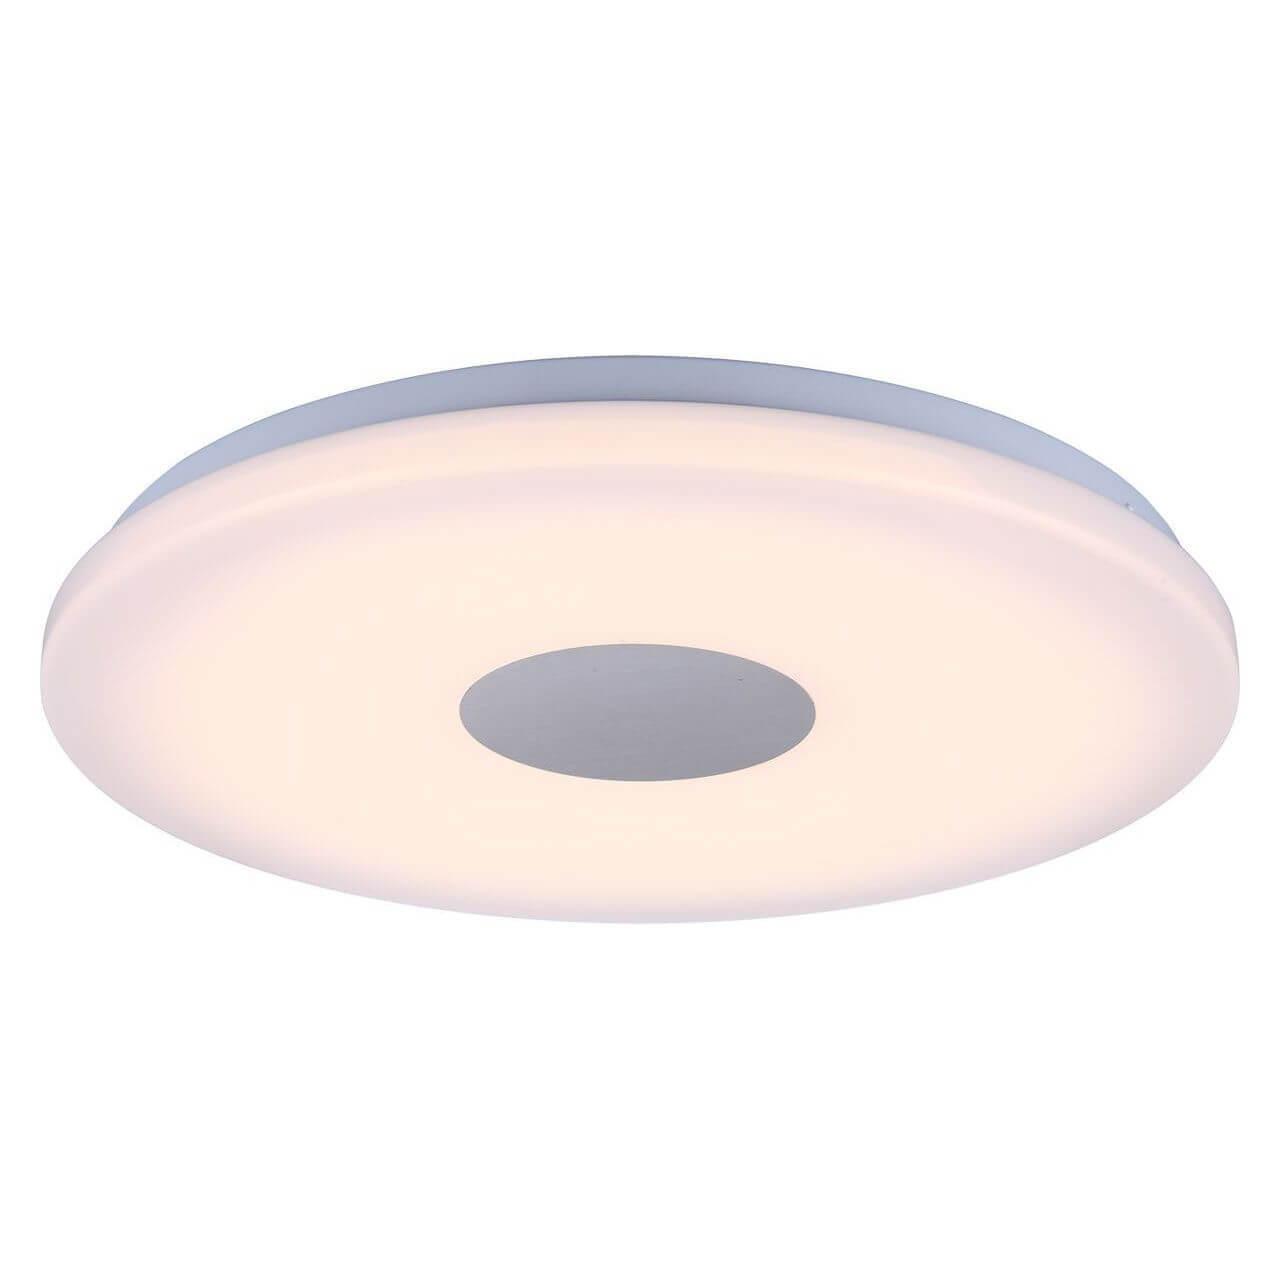 Потолочный светодиодный светильник Globo Augustus 41330 цена